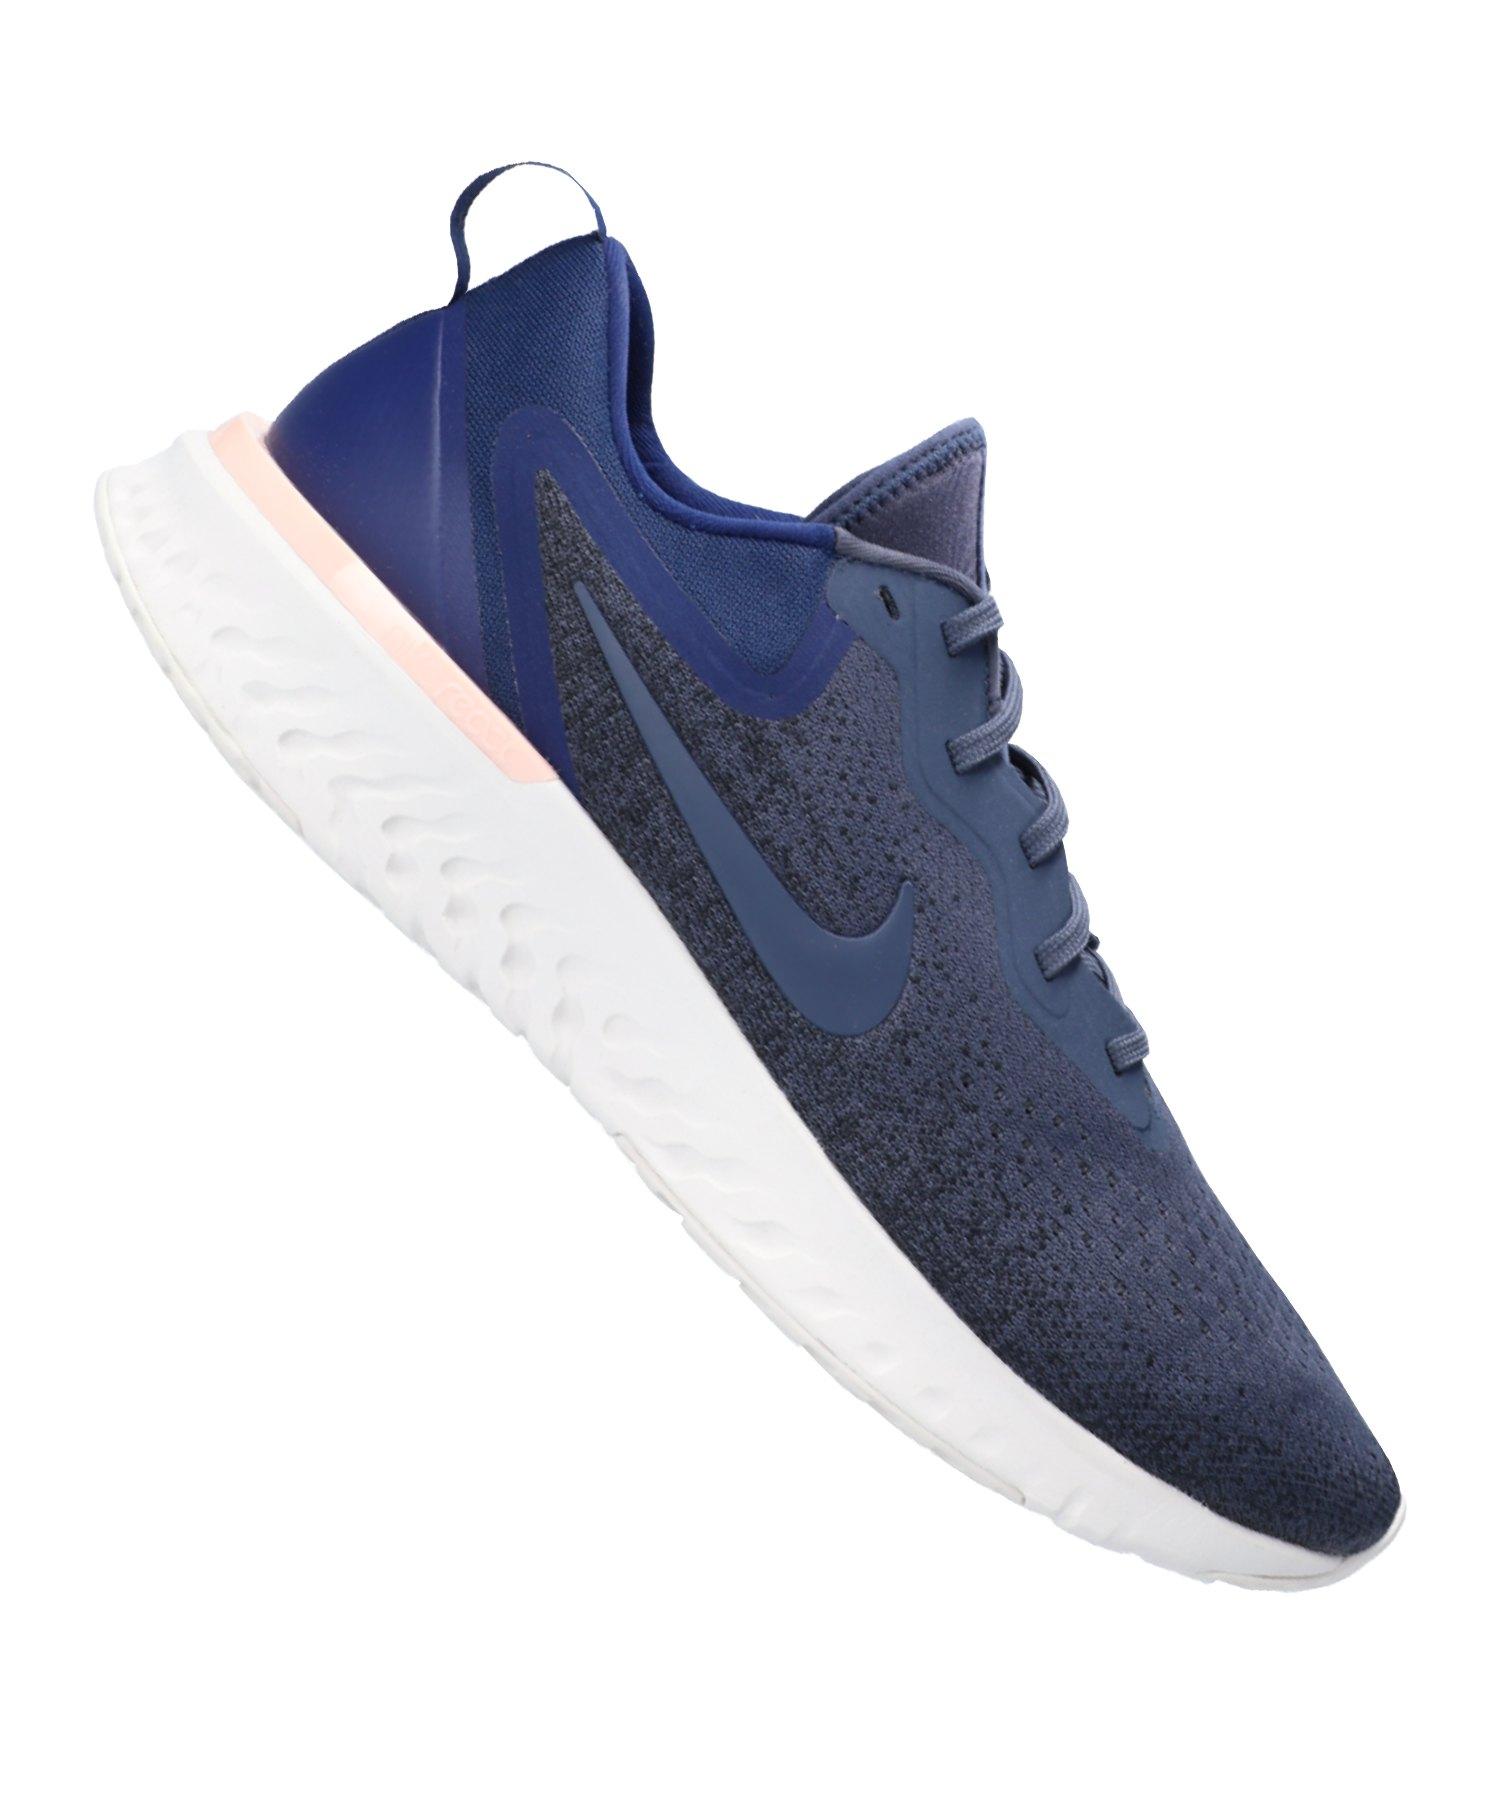 Nike Odyssey React Running Blau F403 - blau